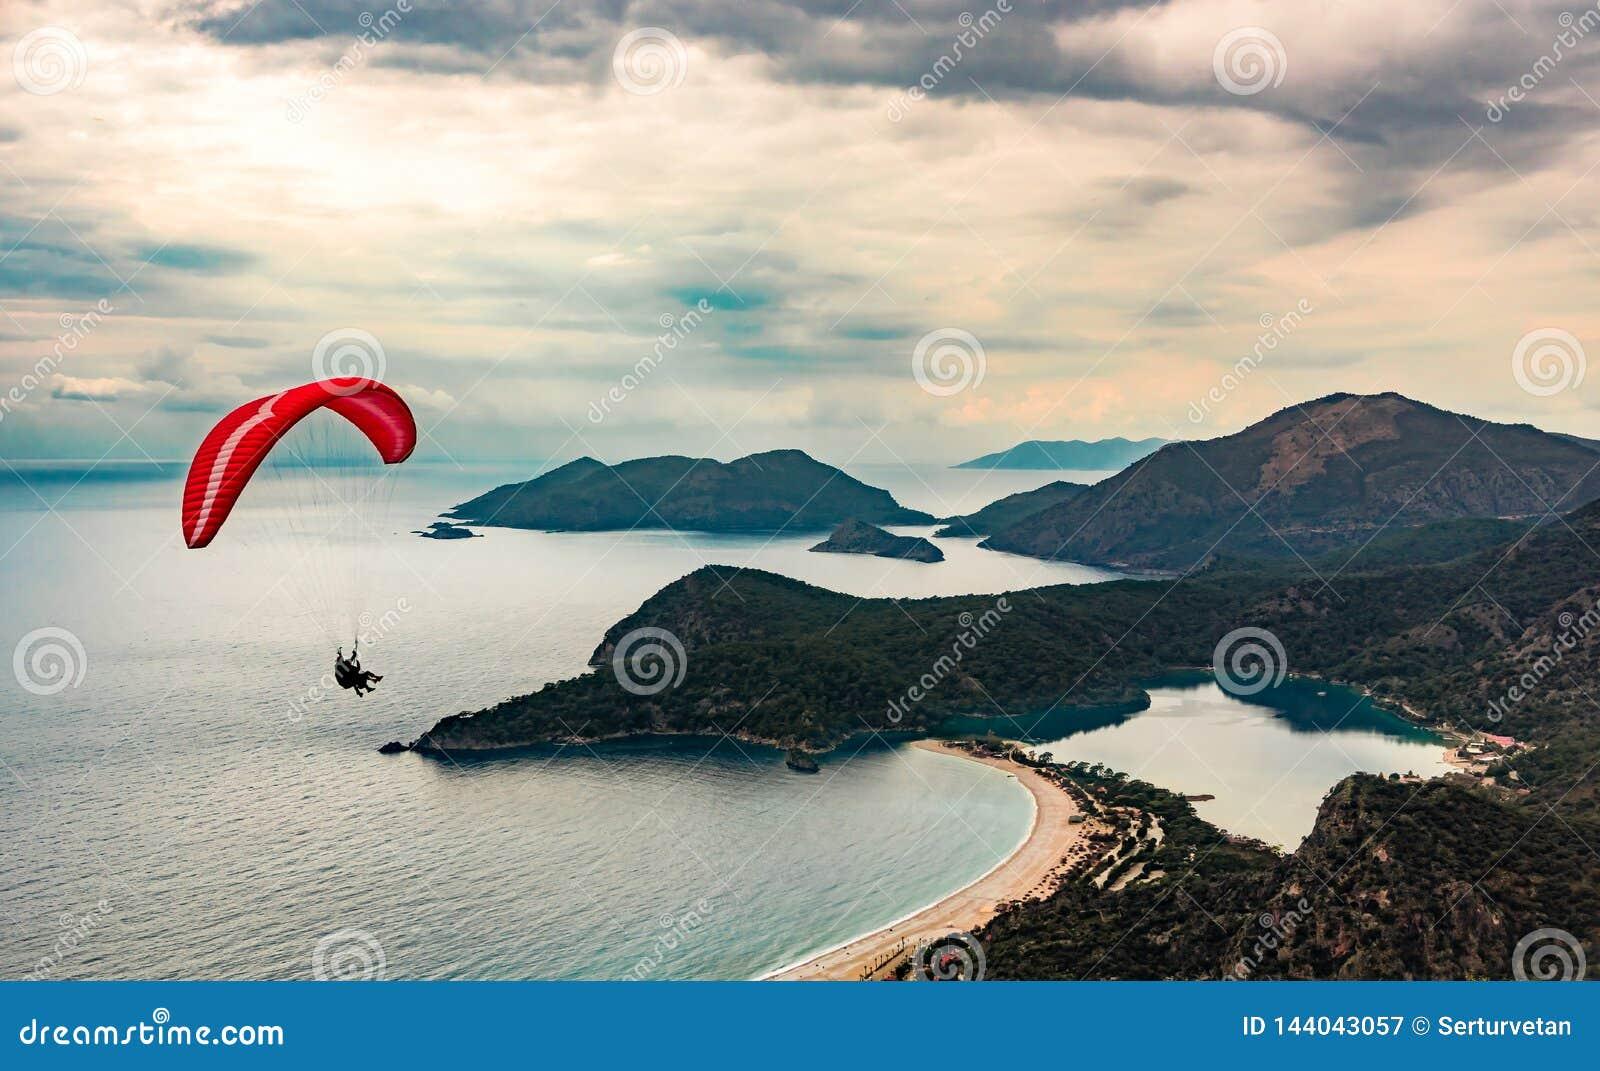 Vuelo en tándem del ala flexible sobre la playa y la bahía de Oludeniz en la atmósfera idílica Oludeniz, Fethiye, Turquía Manera